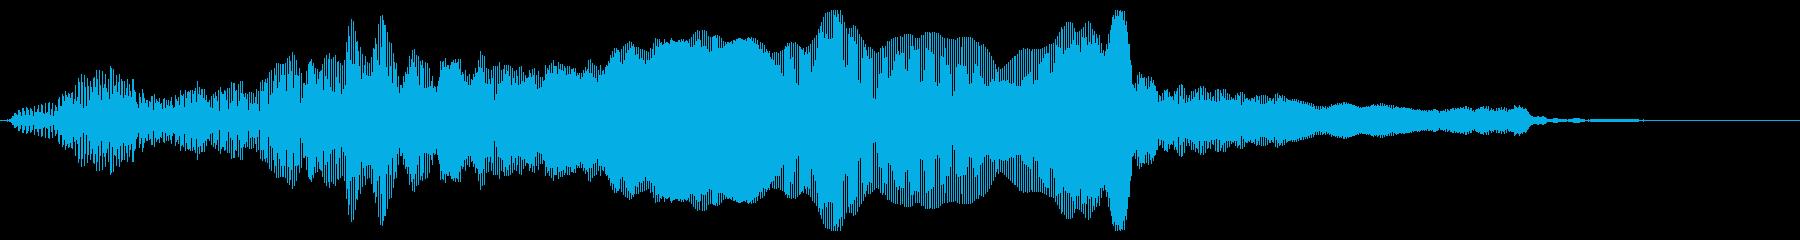 猫ニャーの再生済みの波形